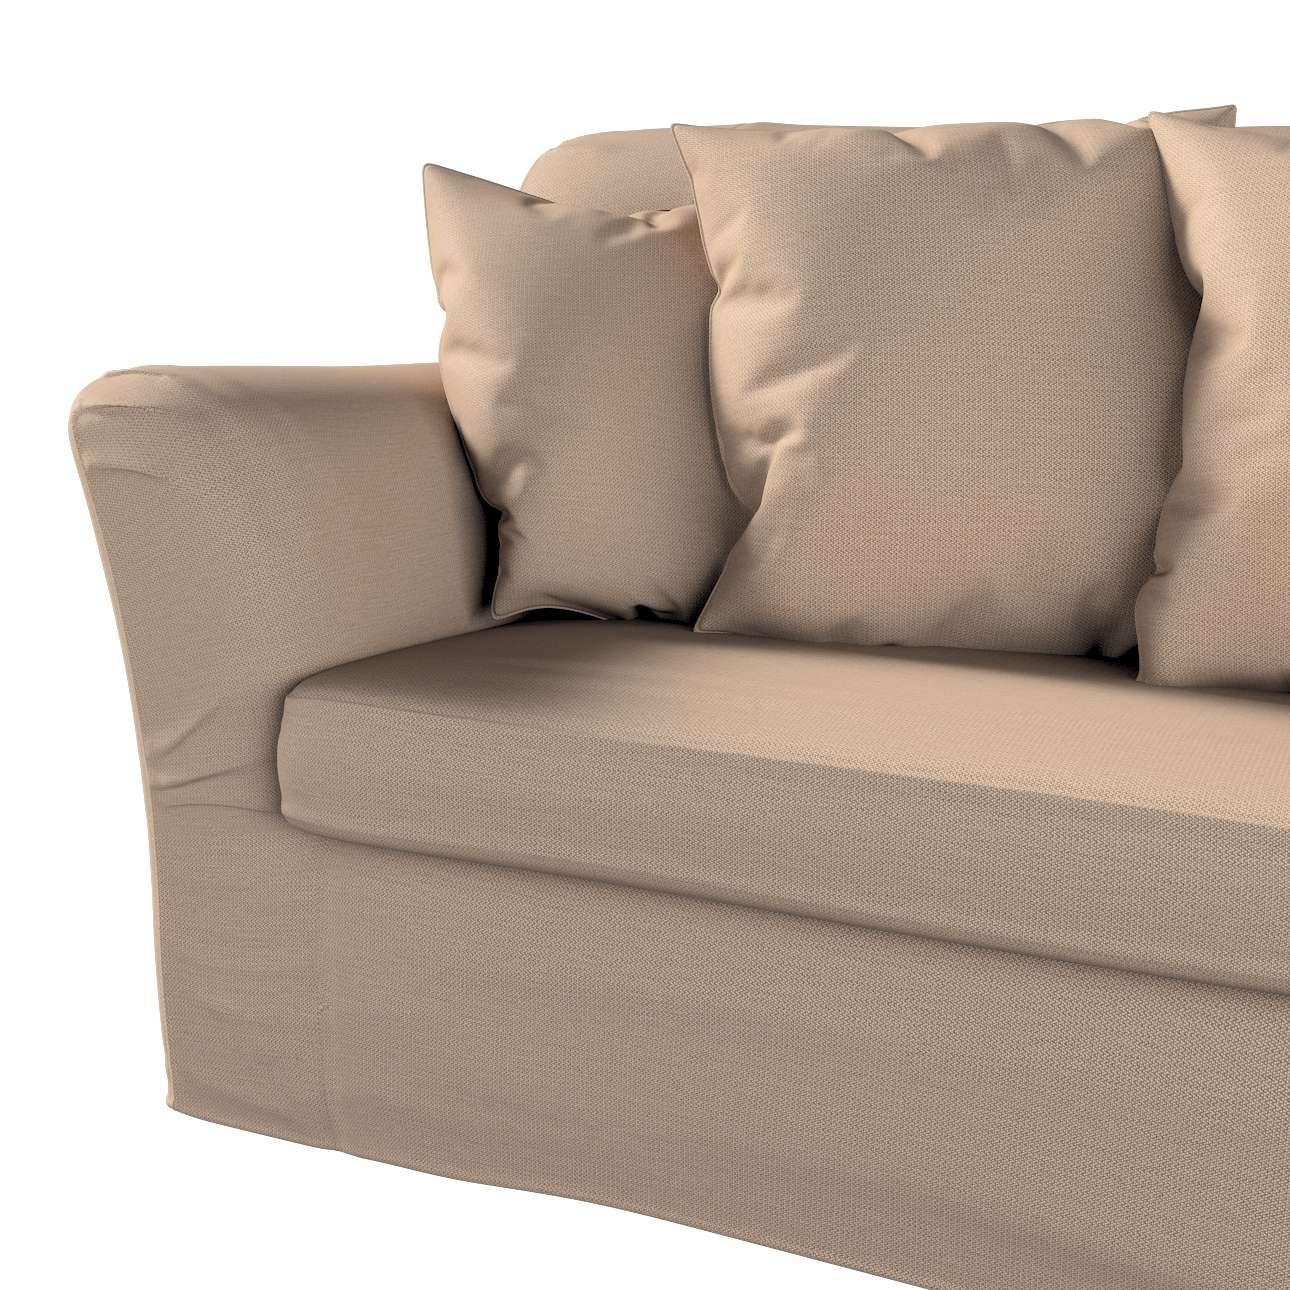 Pokrowiec na sofę Tomelilla 3-osobową rozkładaną w kolekcji Bergen, tkanina: 161-75